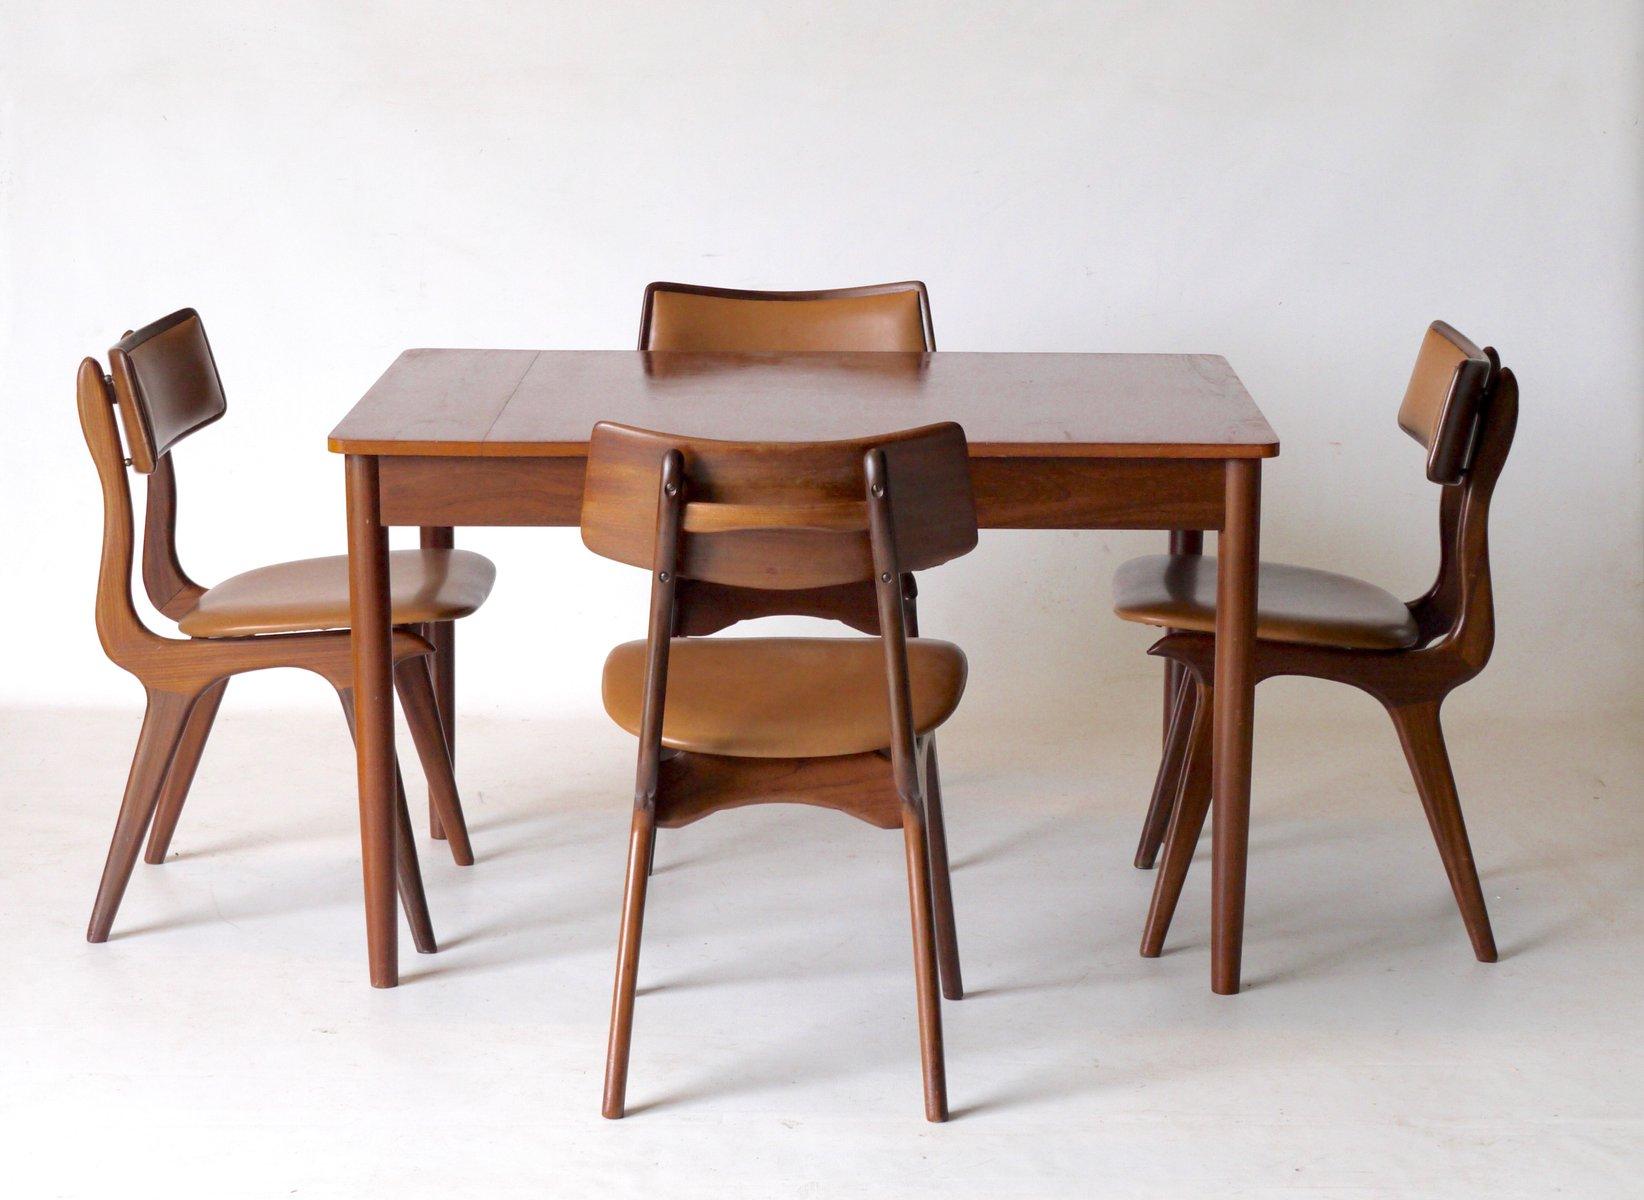 teak esszimmer set von louis van teeffelen f r webe 1960er bei pamono kaufen. Black Bedroom Furniture Sets. Home Design Ideas